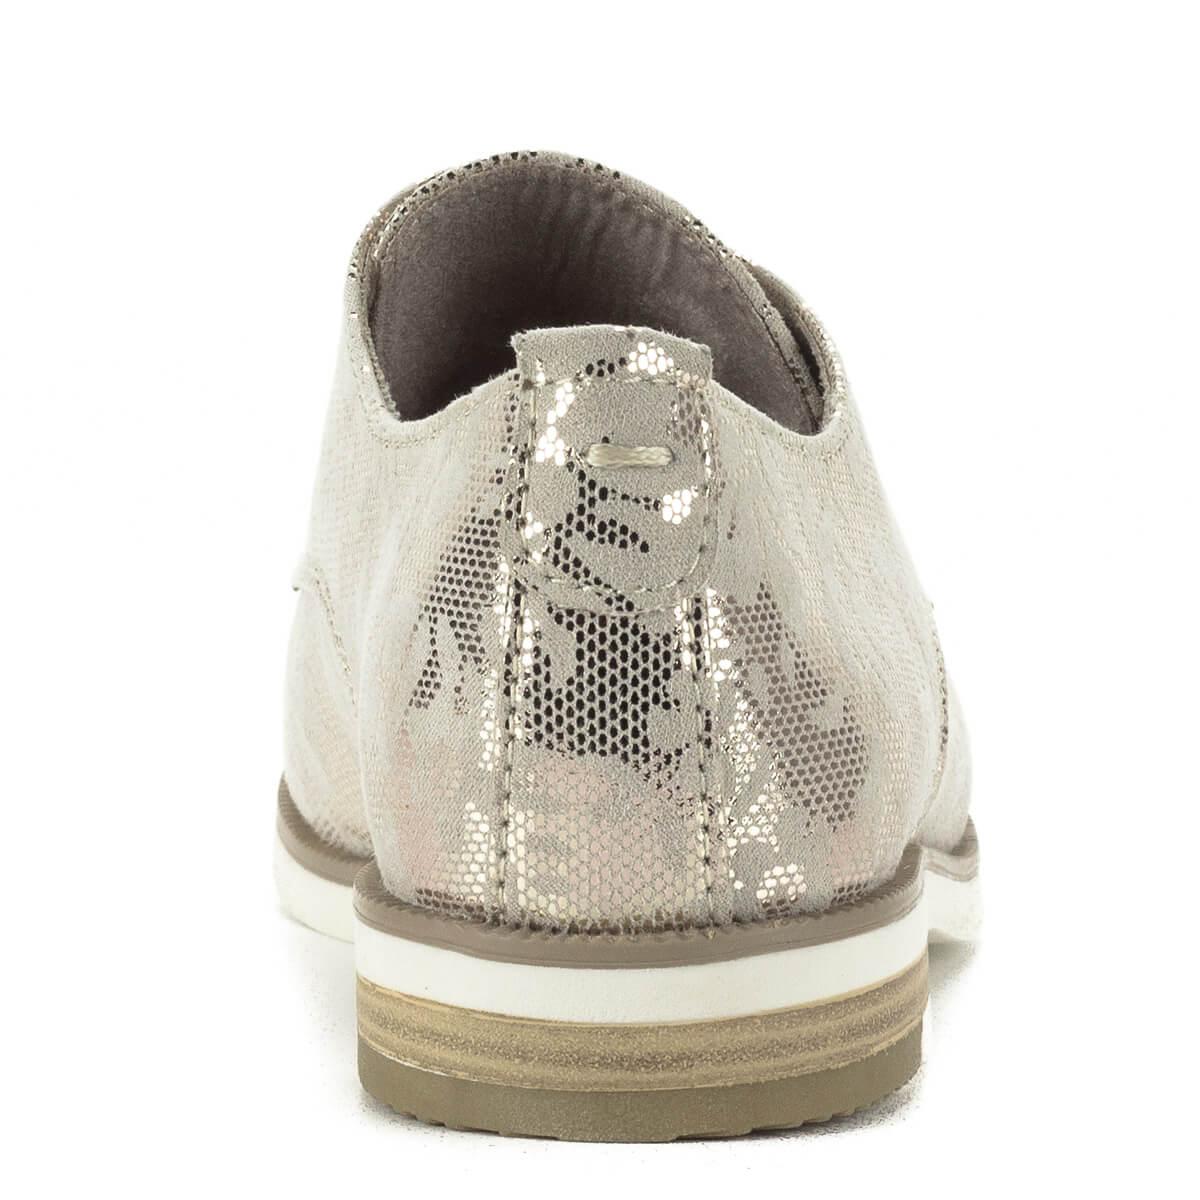 ... Fűzős Marco Tozzi női cipő csillogó felsőrésszel. A